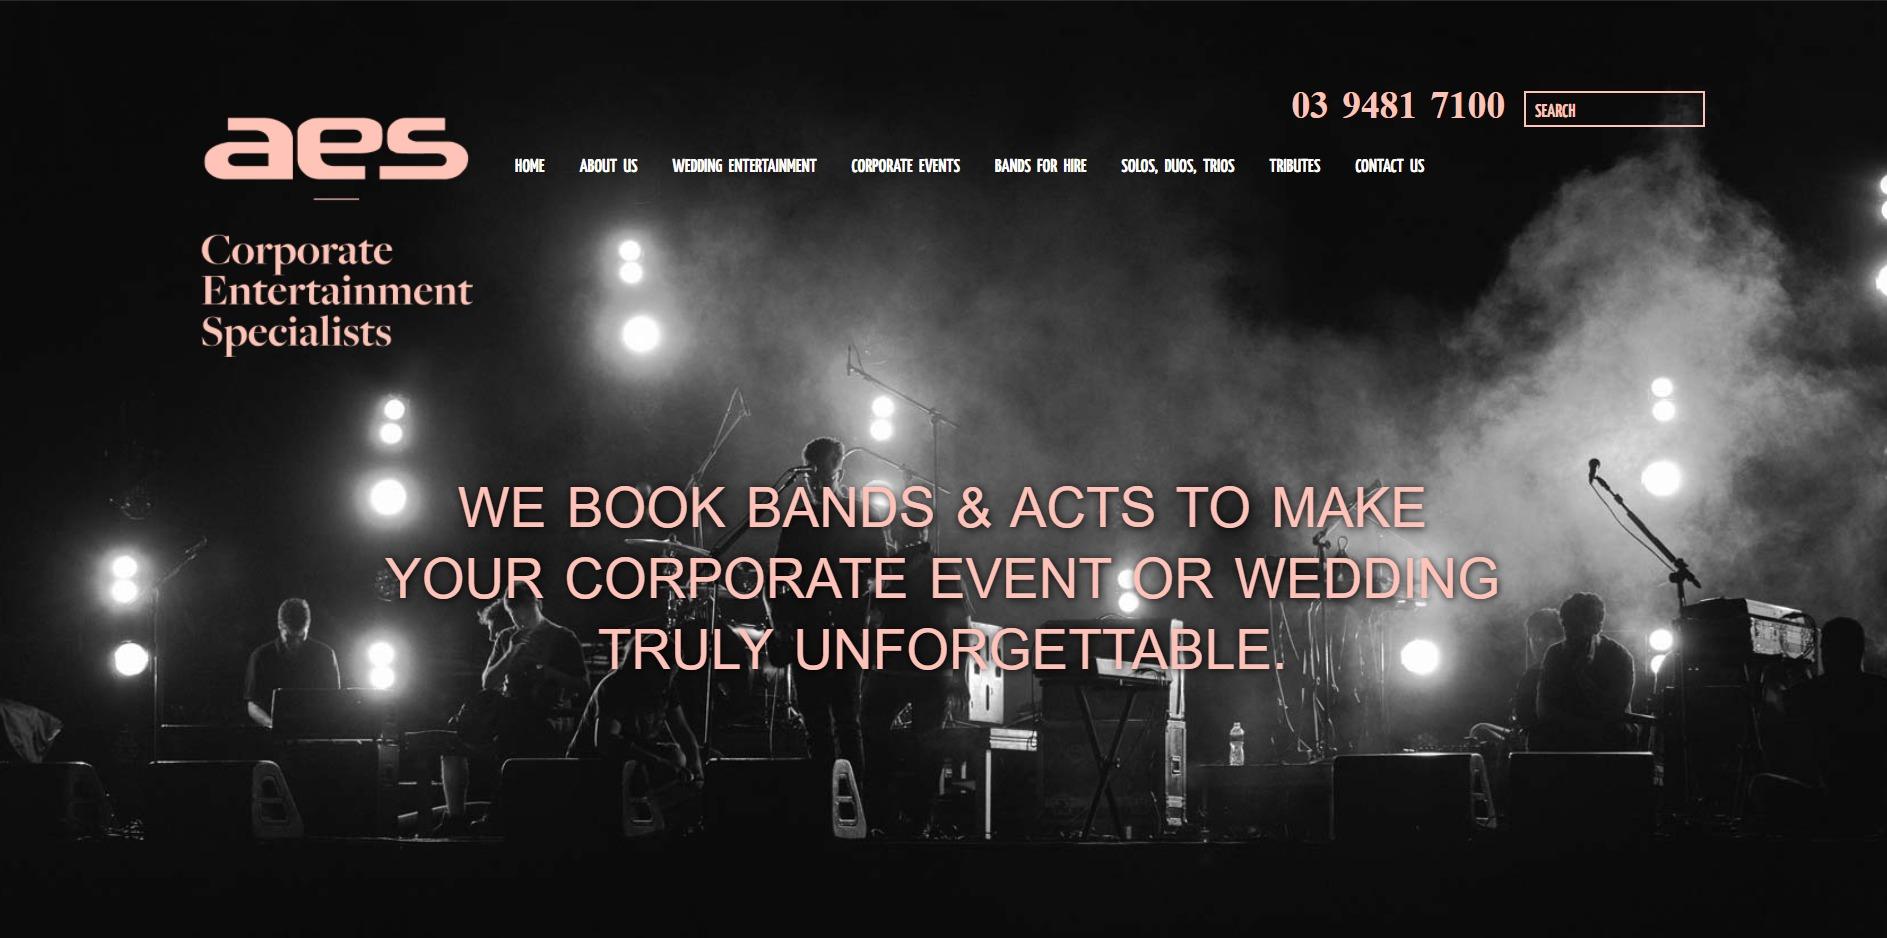 Australian Entertainment Services